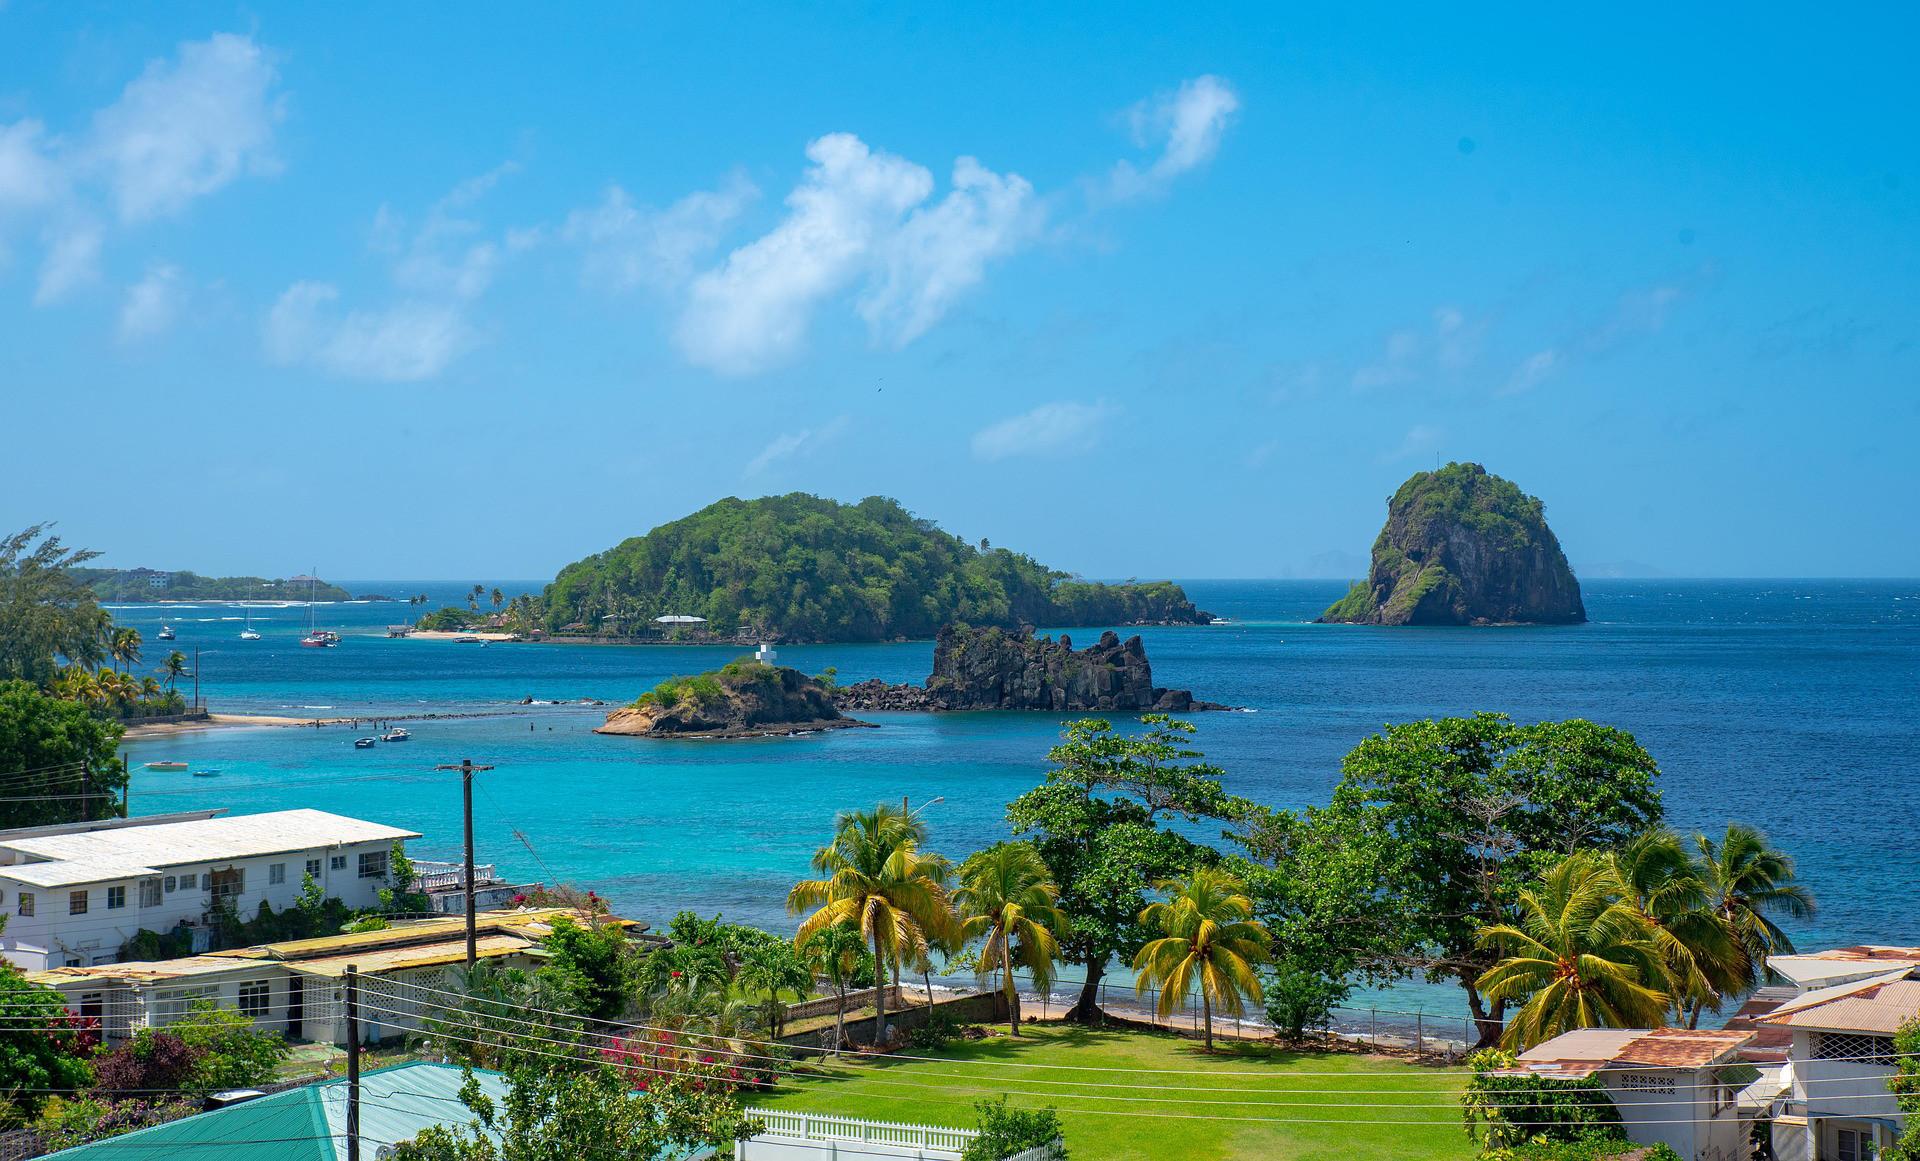 news-main-sandals-resorts-international-annonce-son-expansion-sur-une-nouvelle-destination-lile-de-st-vincent.1612527057.jpg